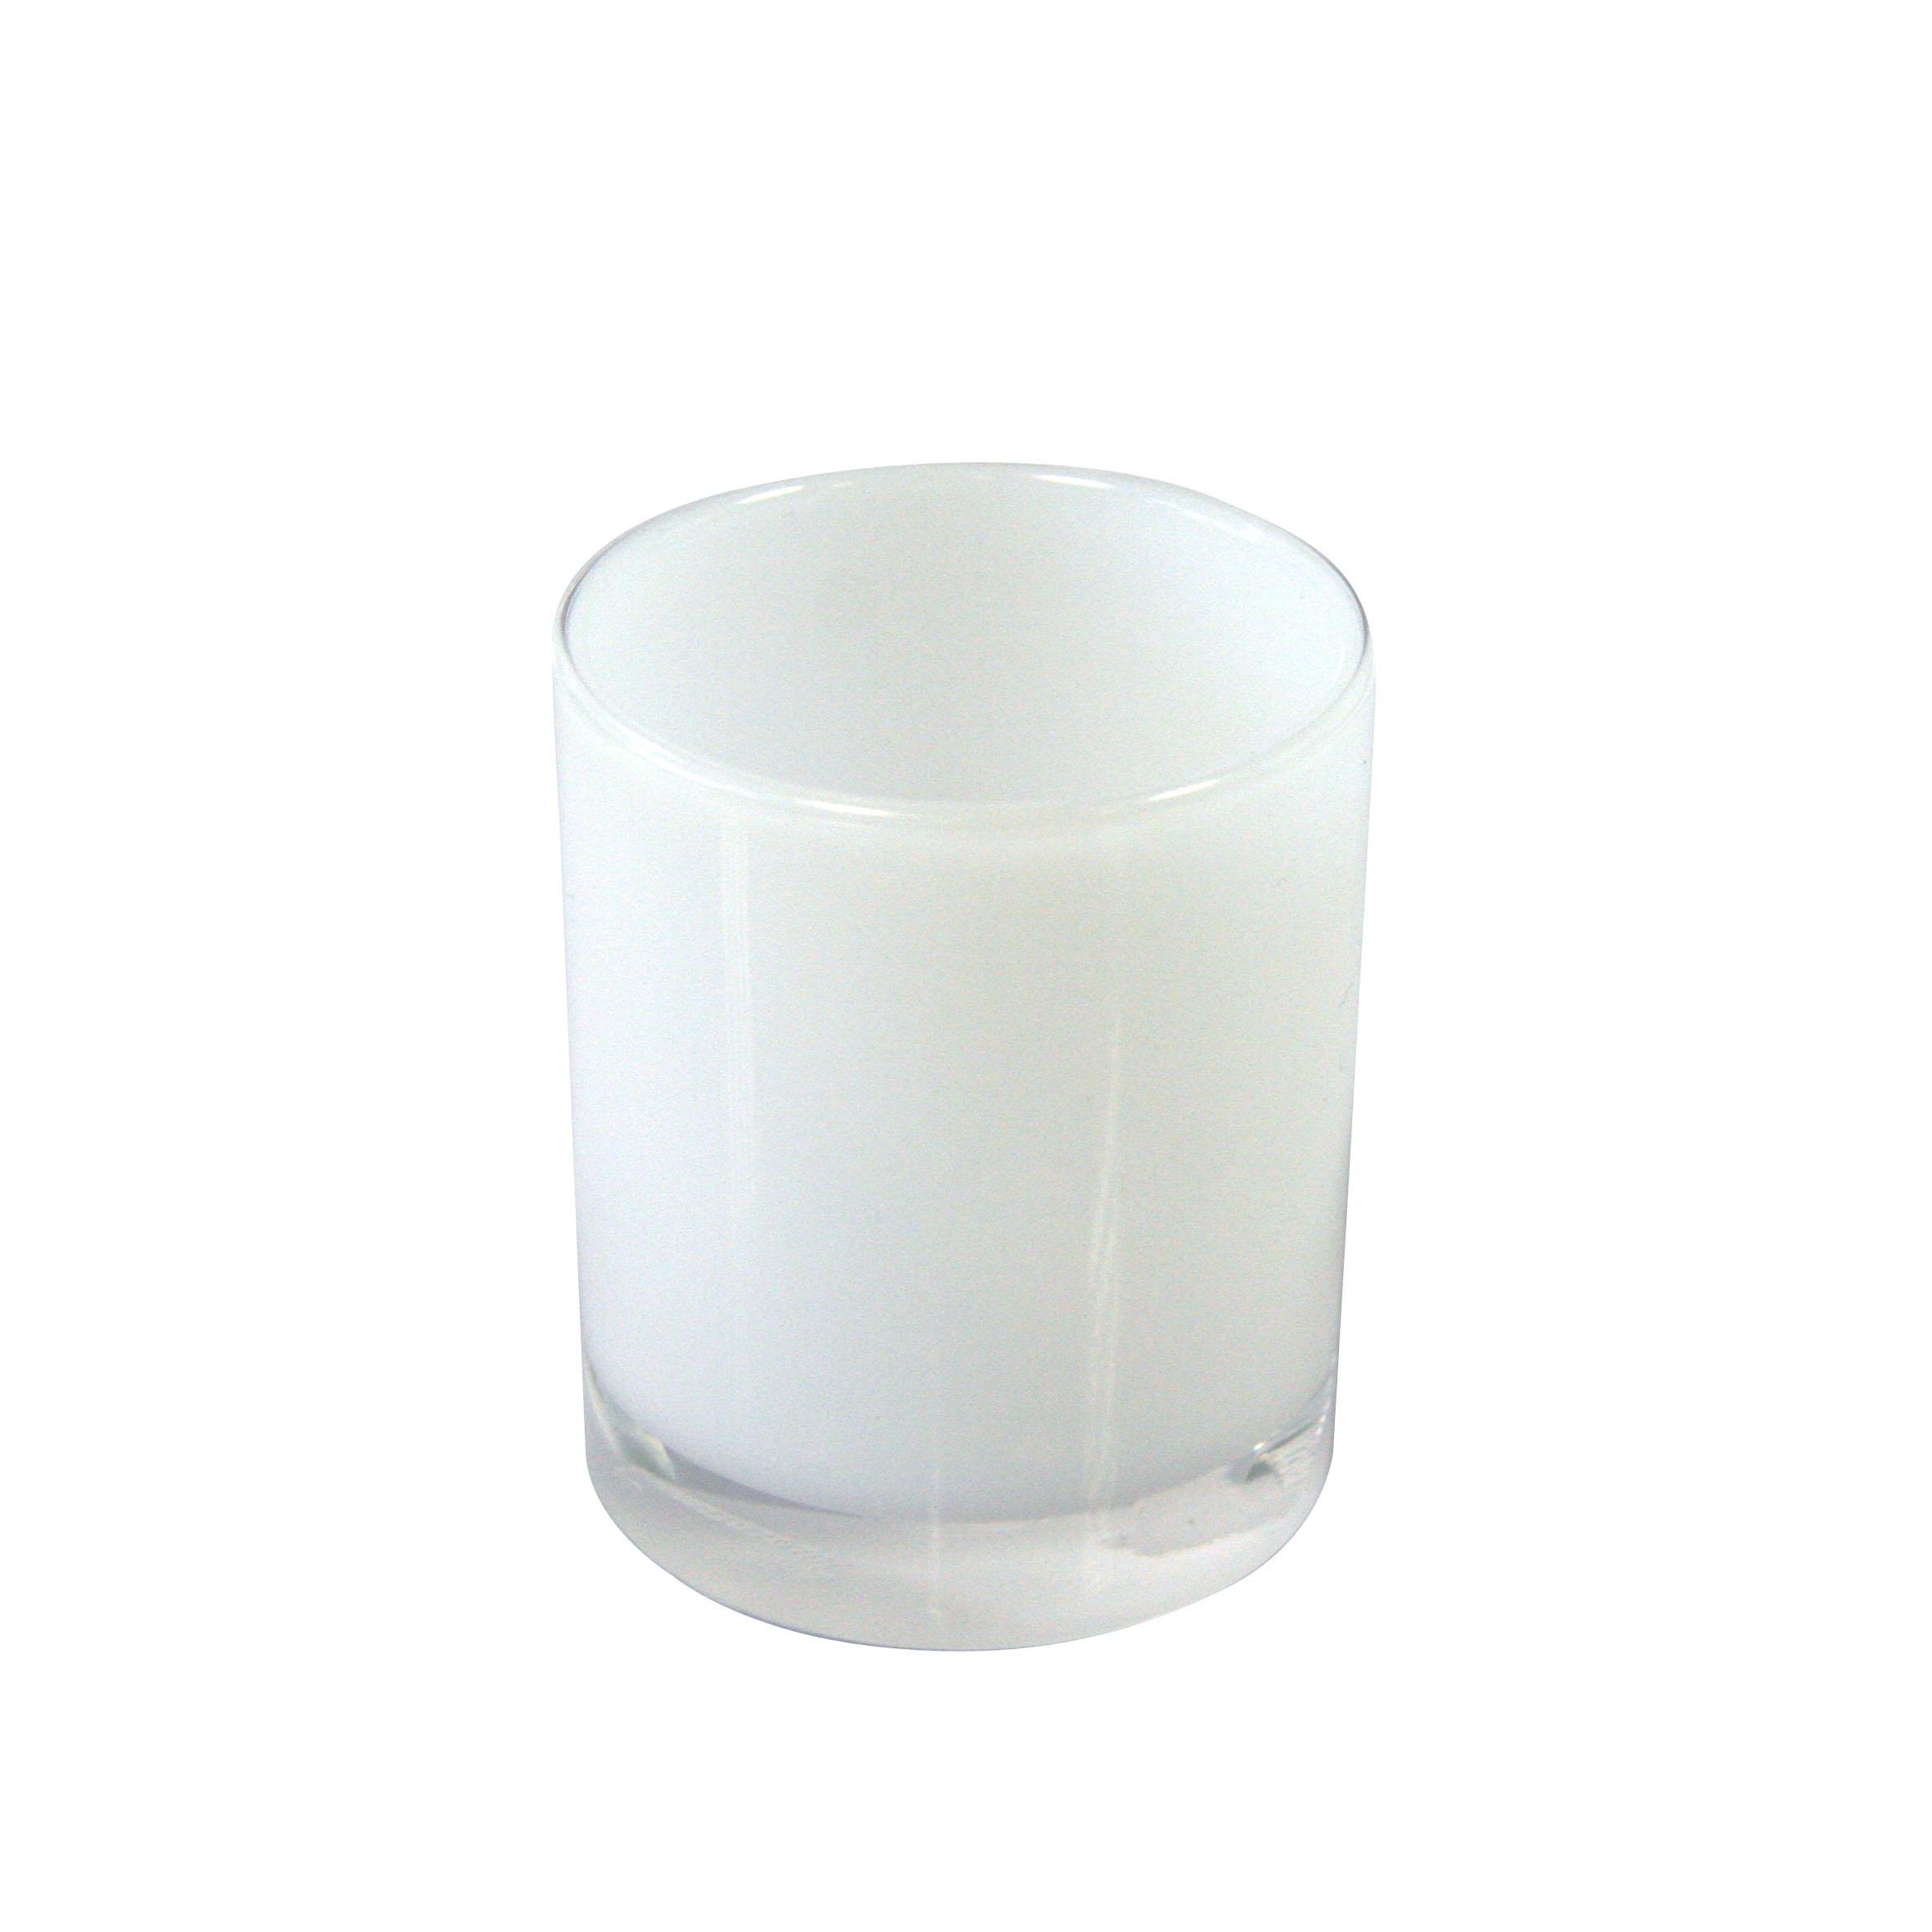 Стакан для ванной комнаты Axentia Priamos68/5/1Стакан для ванной комнаты Axentia Priamos изготовлен из высококачественного акрила - долговечный, прочный и легкий в уходе материал прослужит вам долгие годы. Изделие отлично подойдет для вашей ванной комнаты. Стакан создаст особую атмосферу уюта и максимального комфорта в ванной.